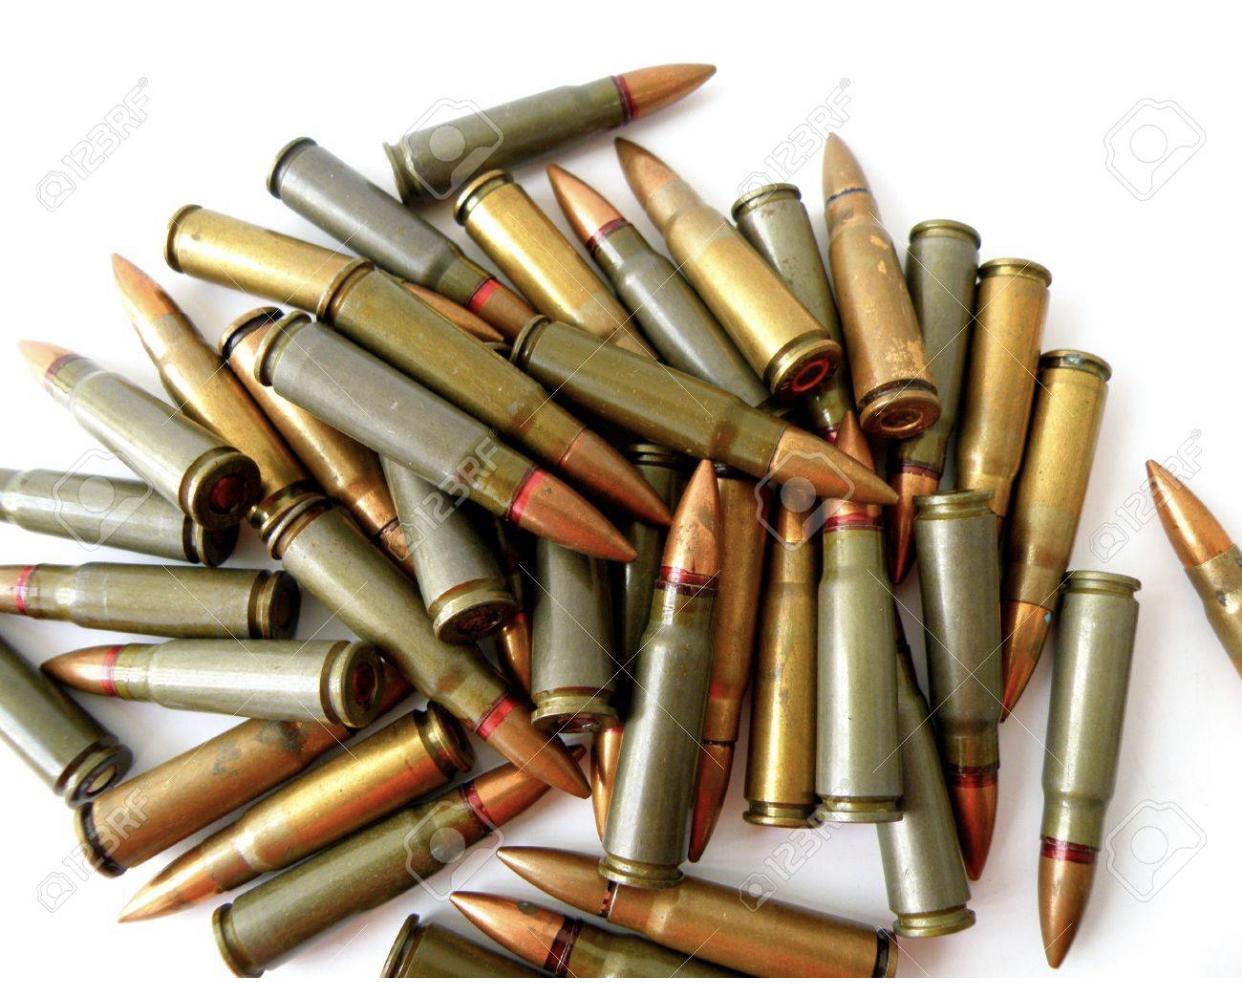 Affaire des munitions saisies : 4500 cartouches d'AK-47 ont été volées à la base de Ouakam.